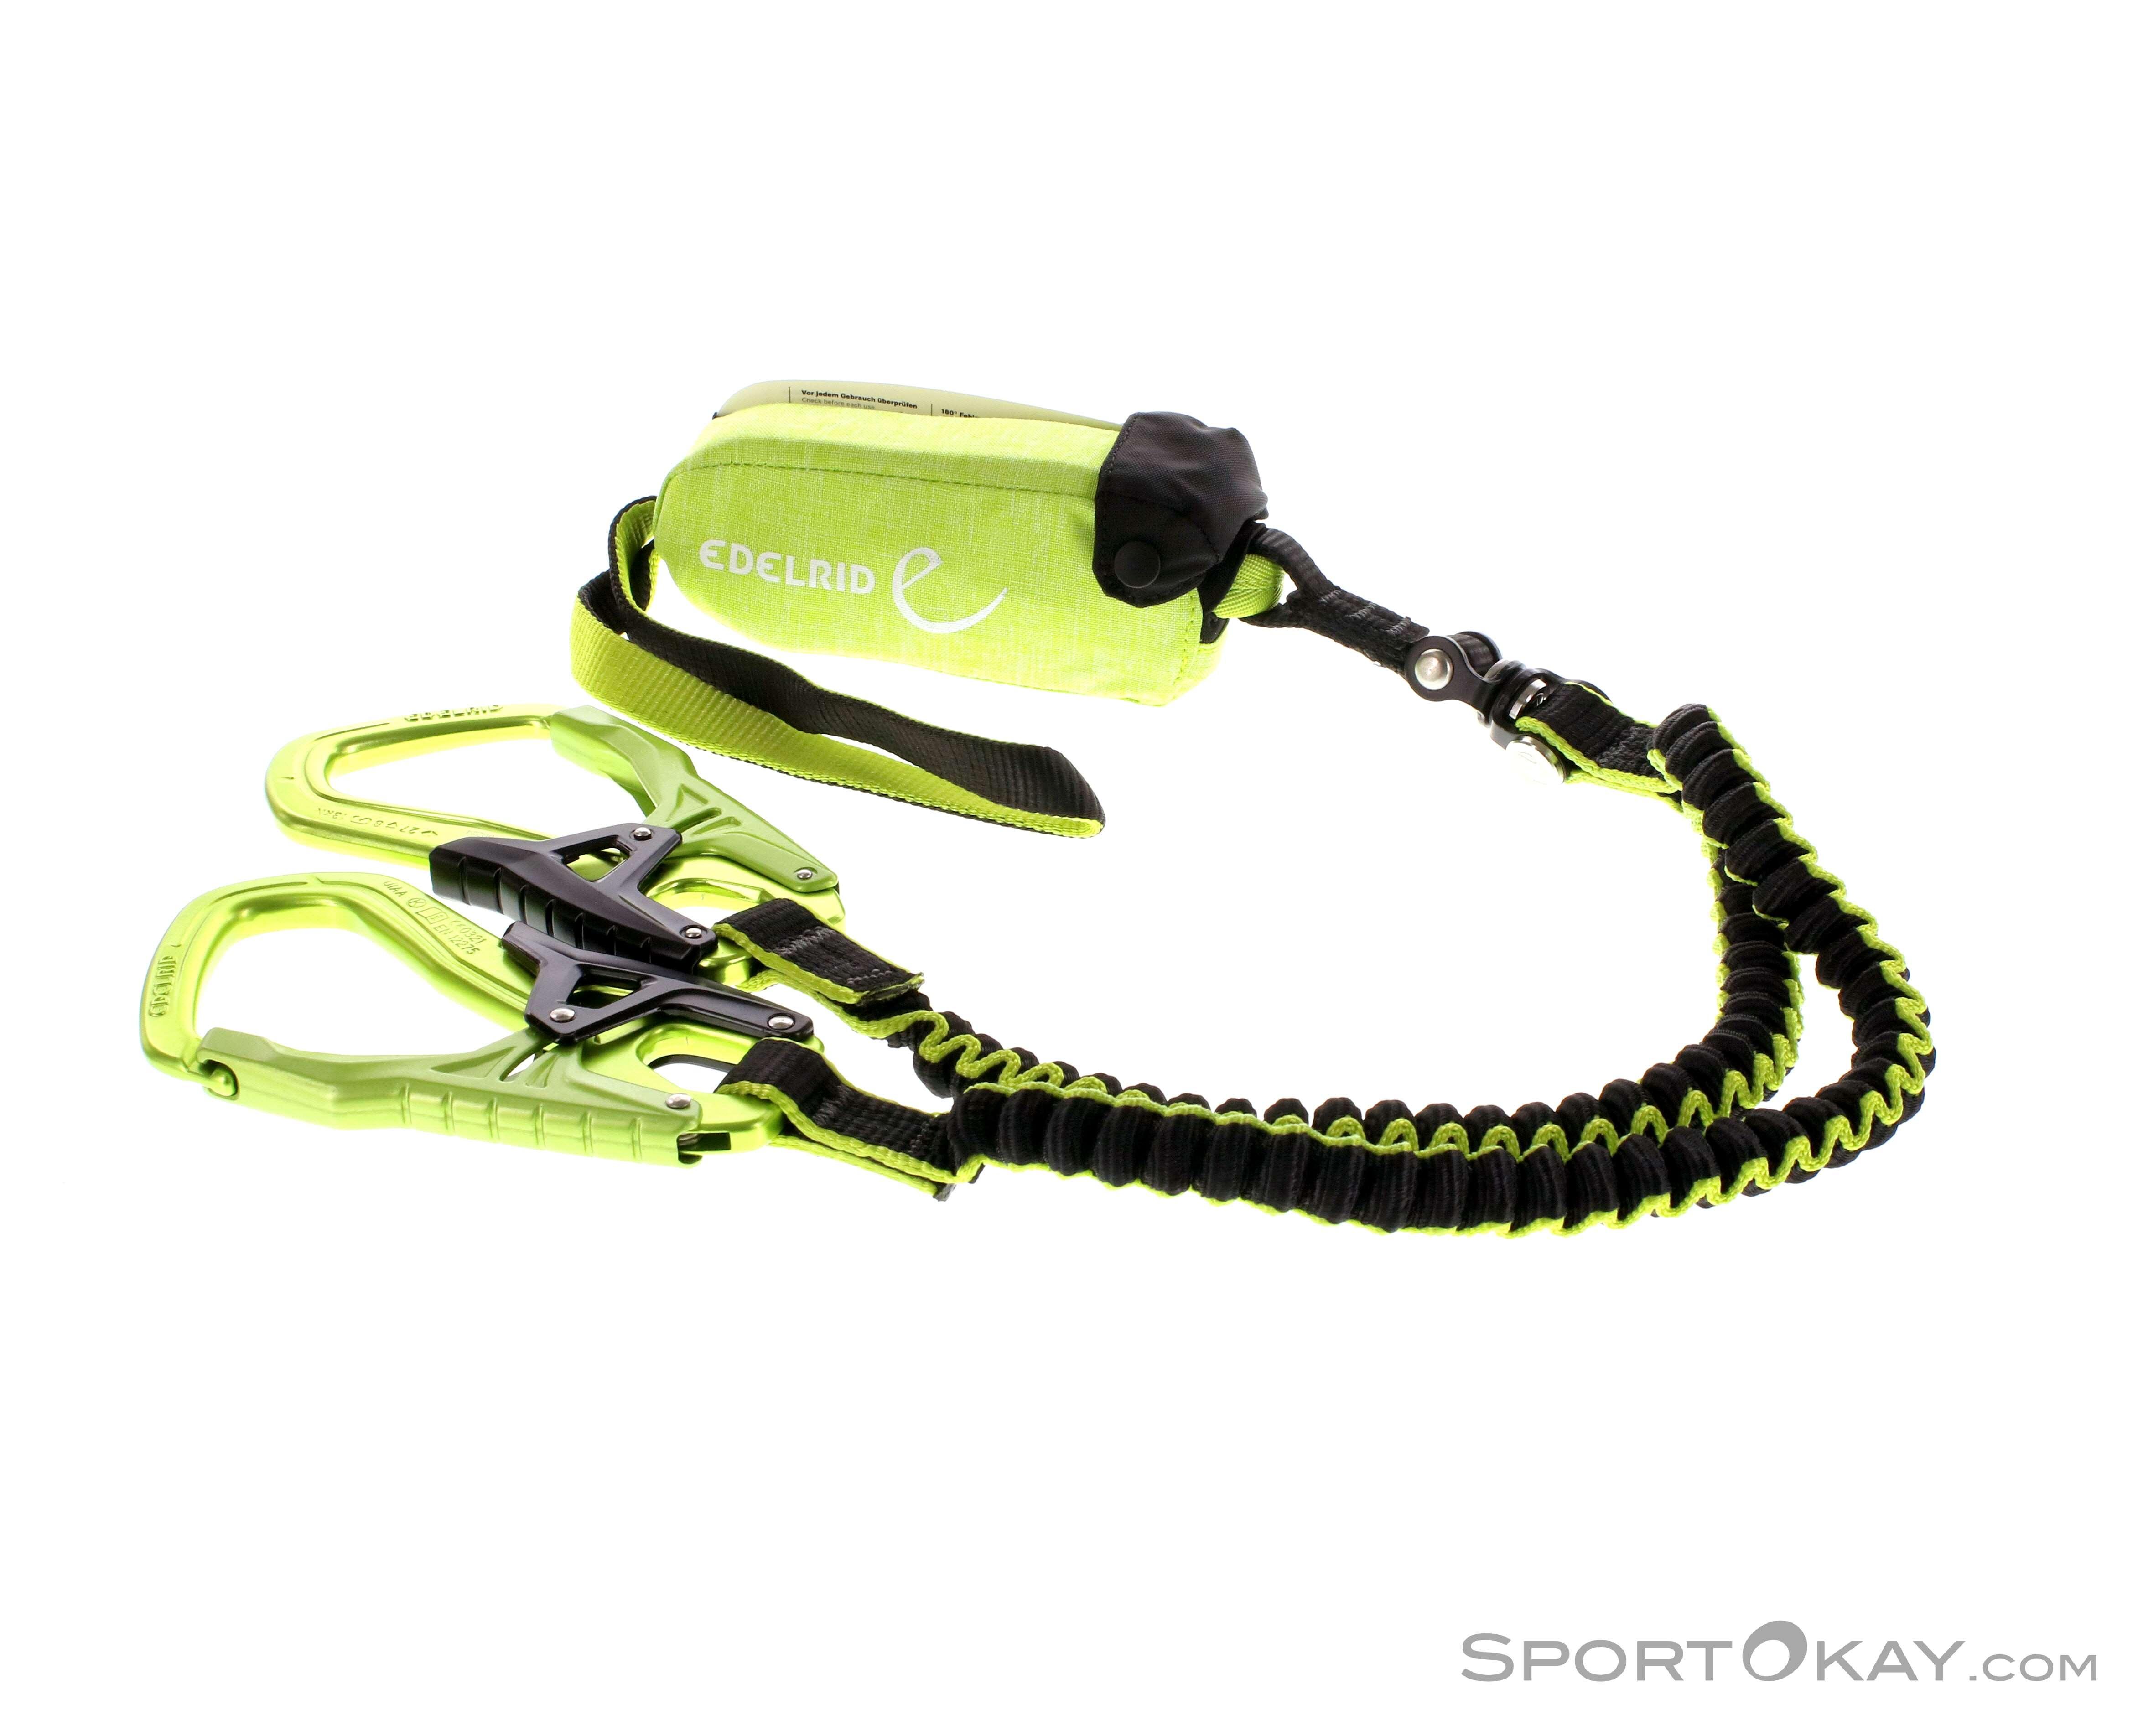 Edelrid Klettergurt Jay Test : Edelrid cable comfort klettersteigset